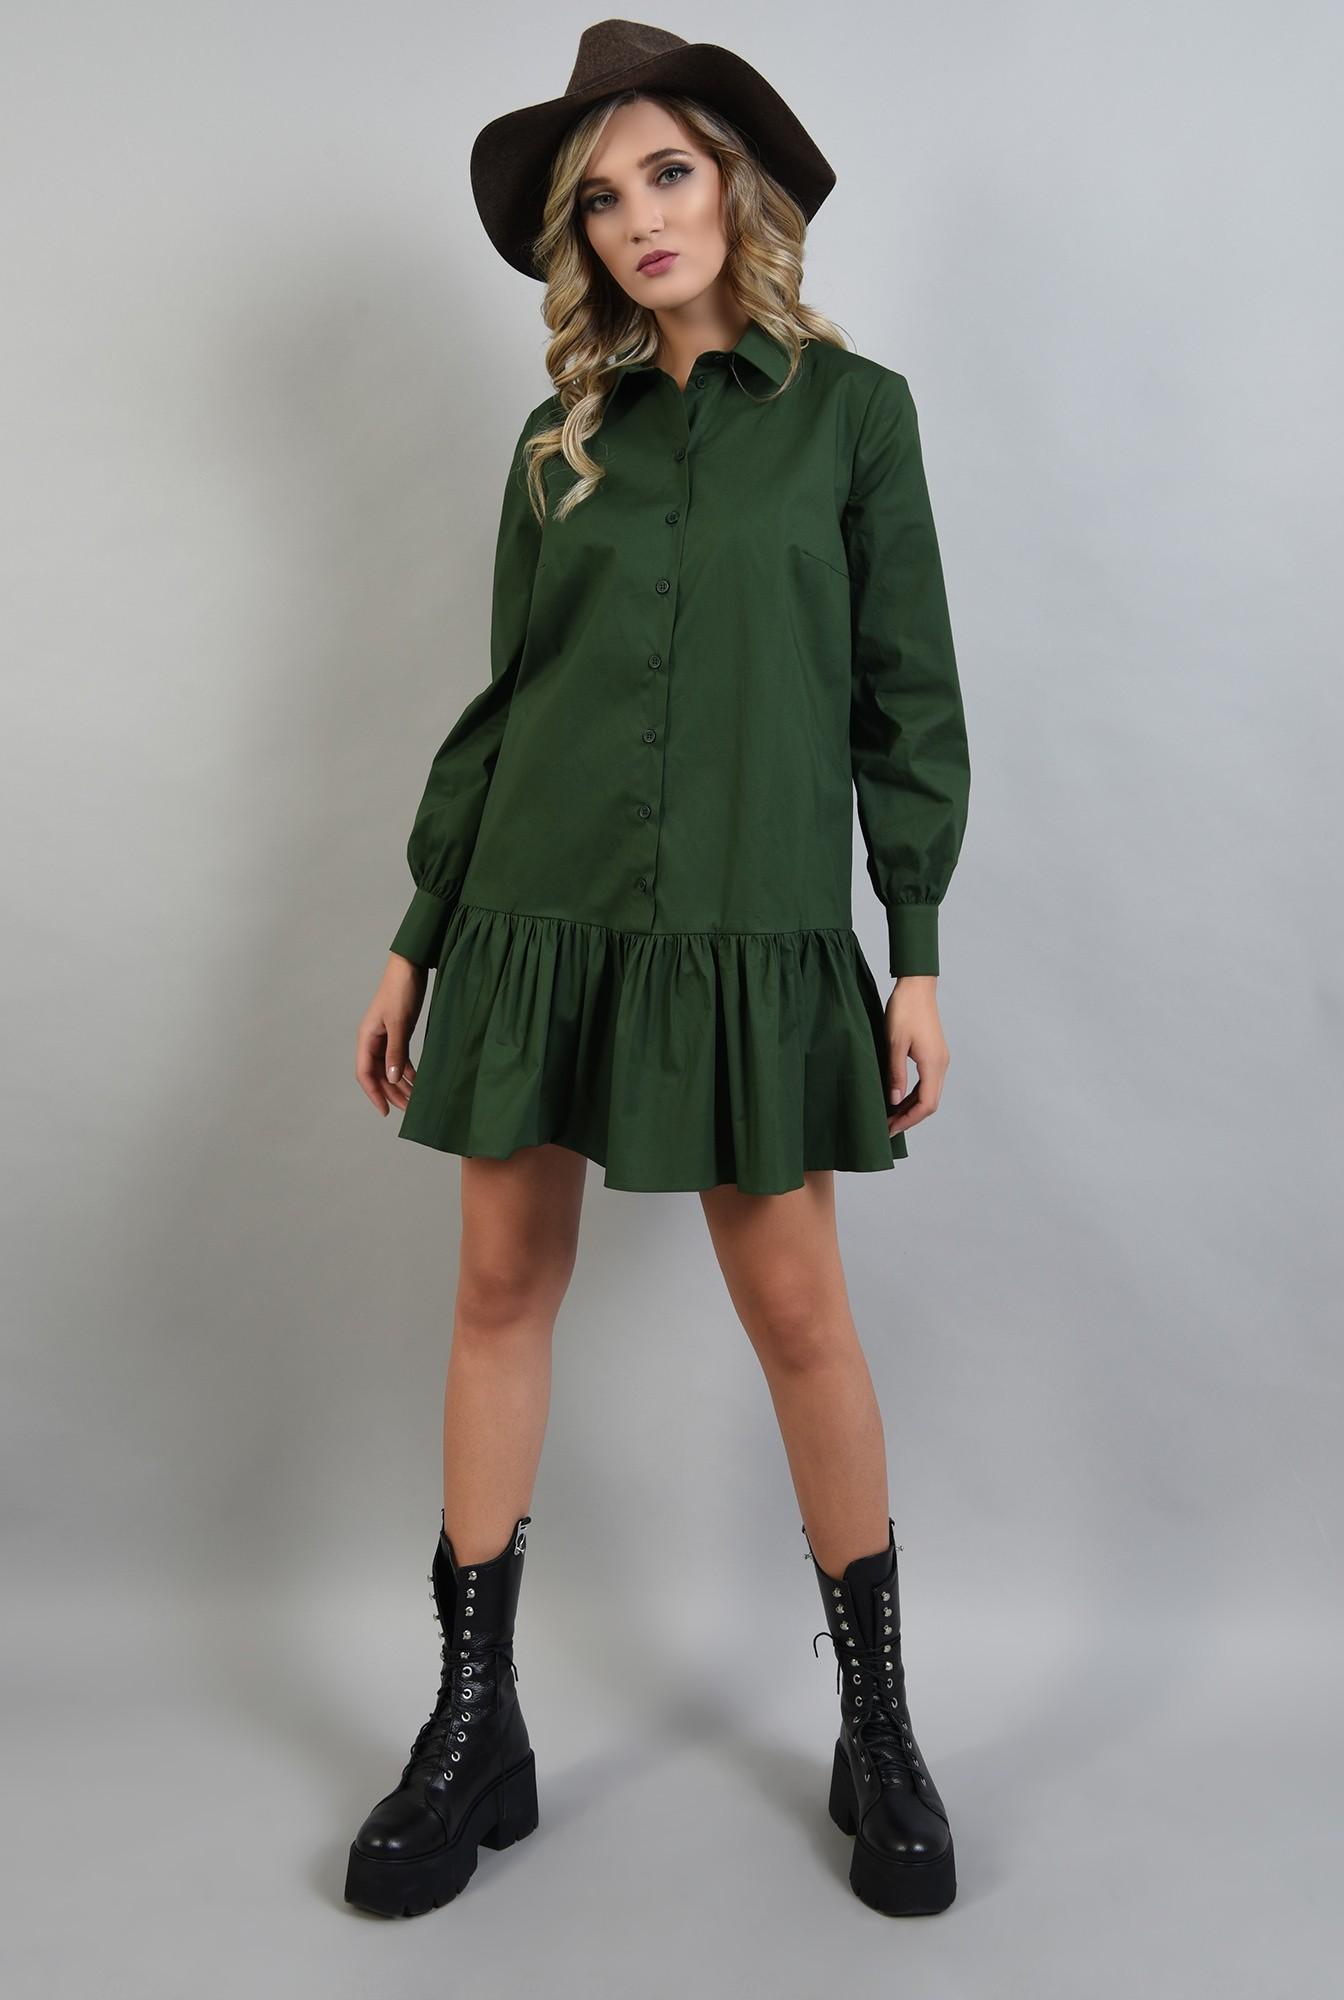 0 - rochie poplin verde, cu volan, guler, Poema